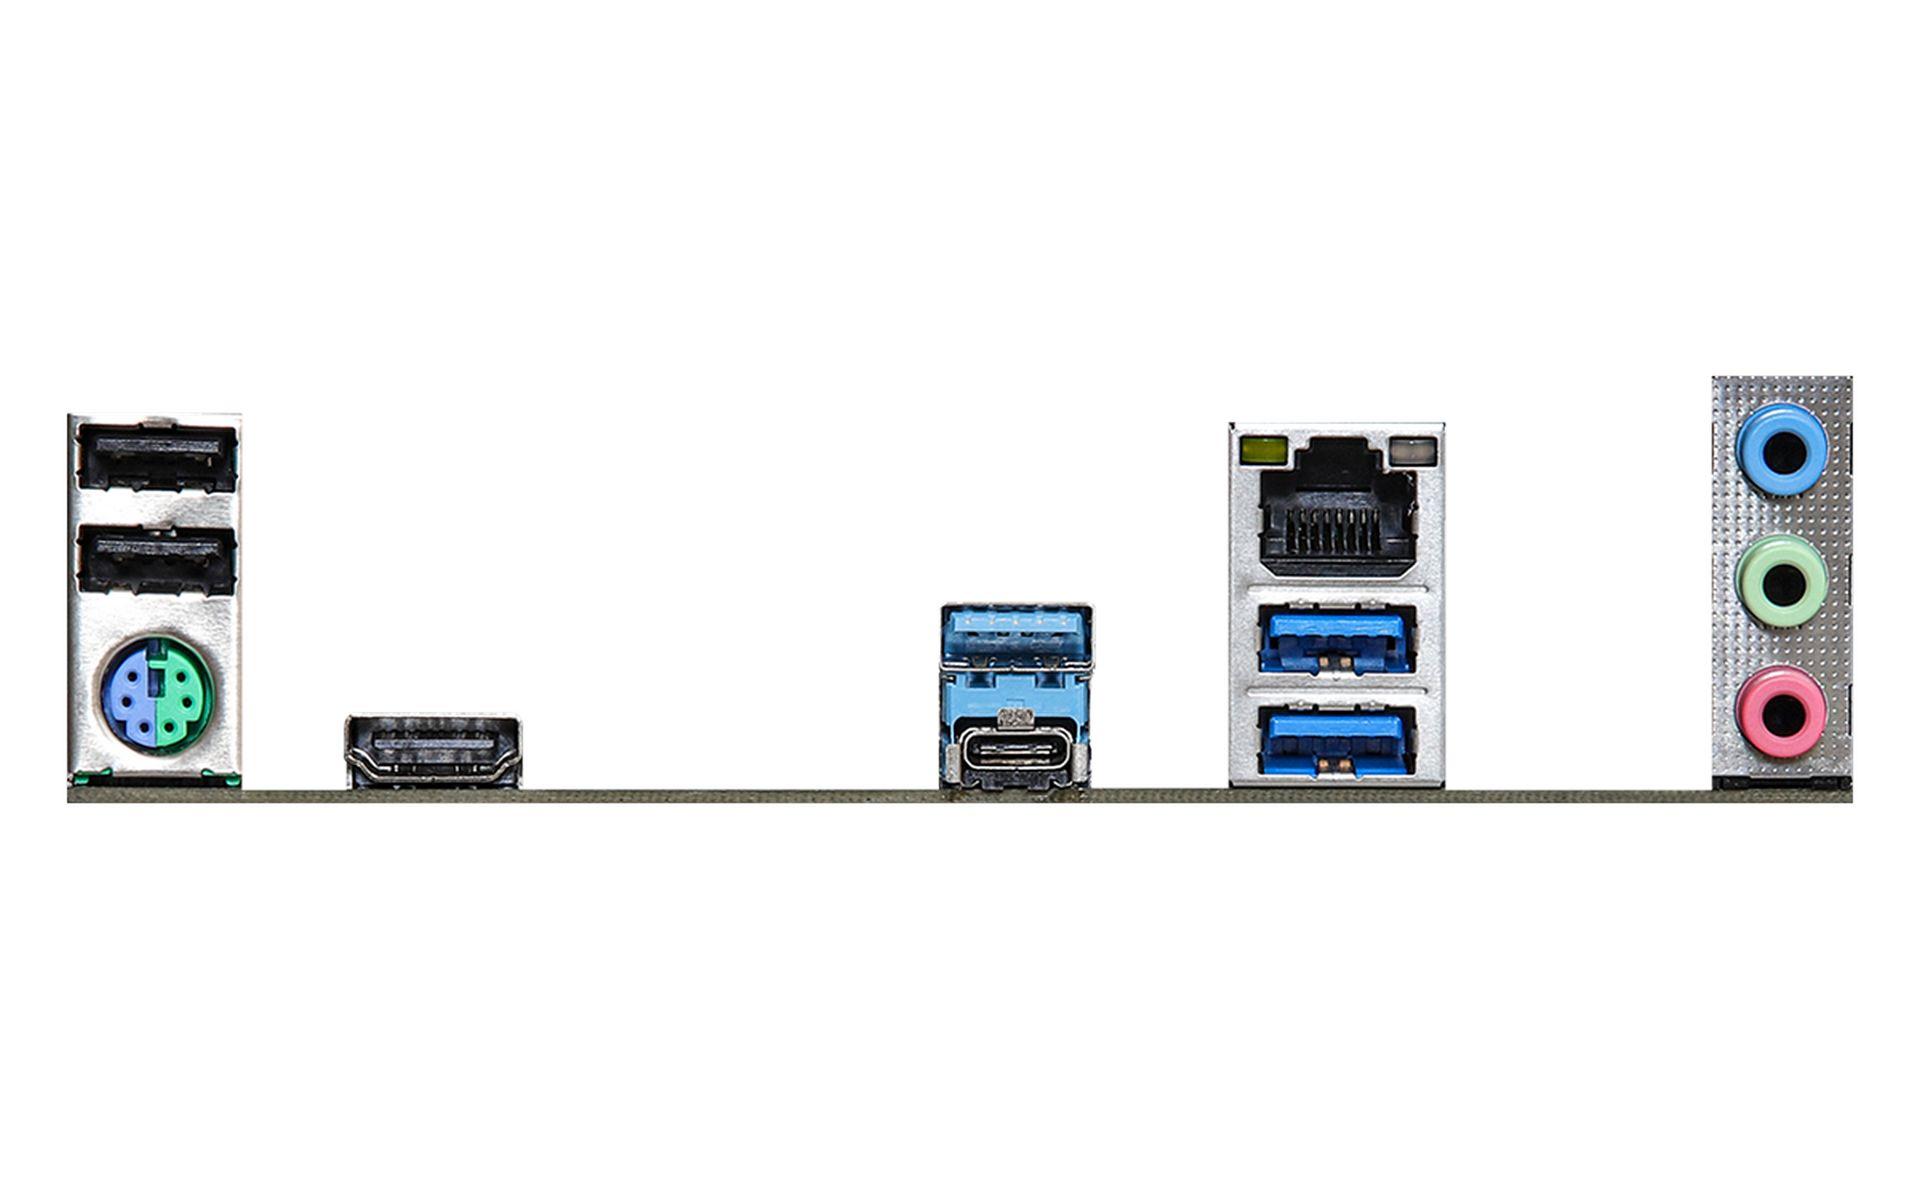 ASRock Z590 Phantom Gaming cung cấp 2 x cổng USB 3.2 Gen2